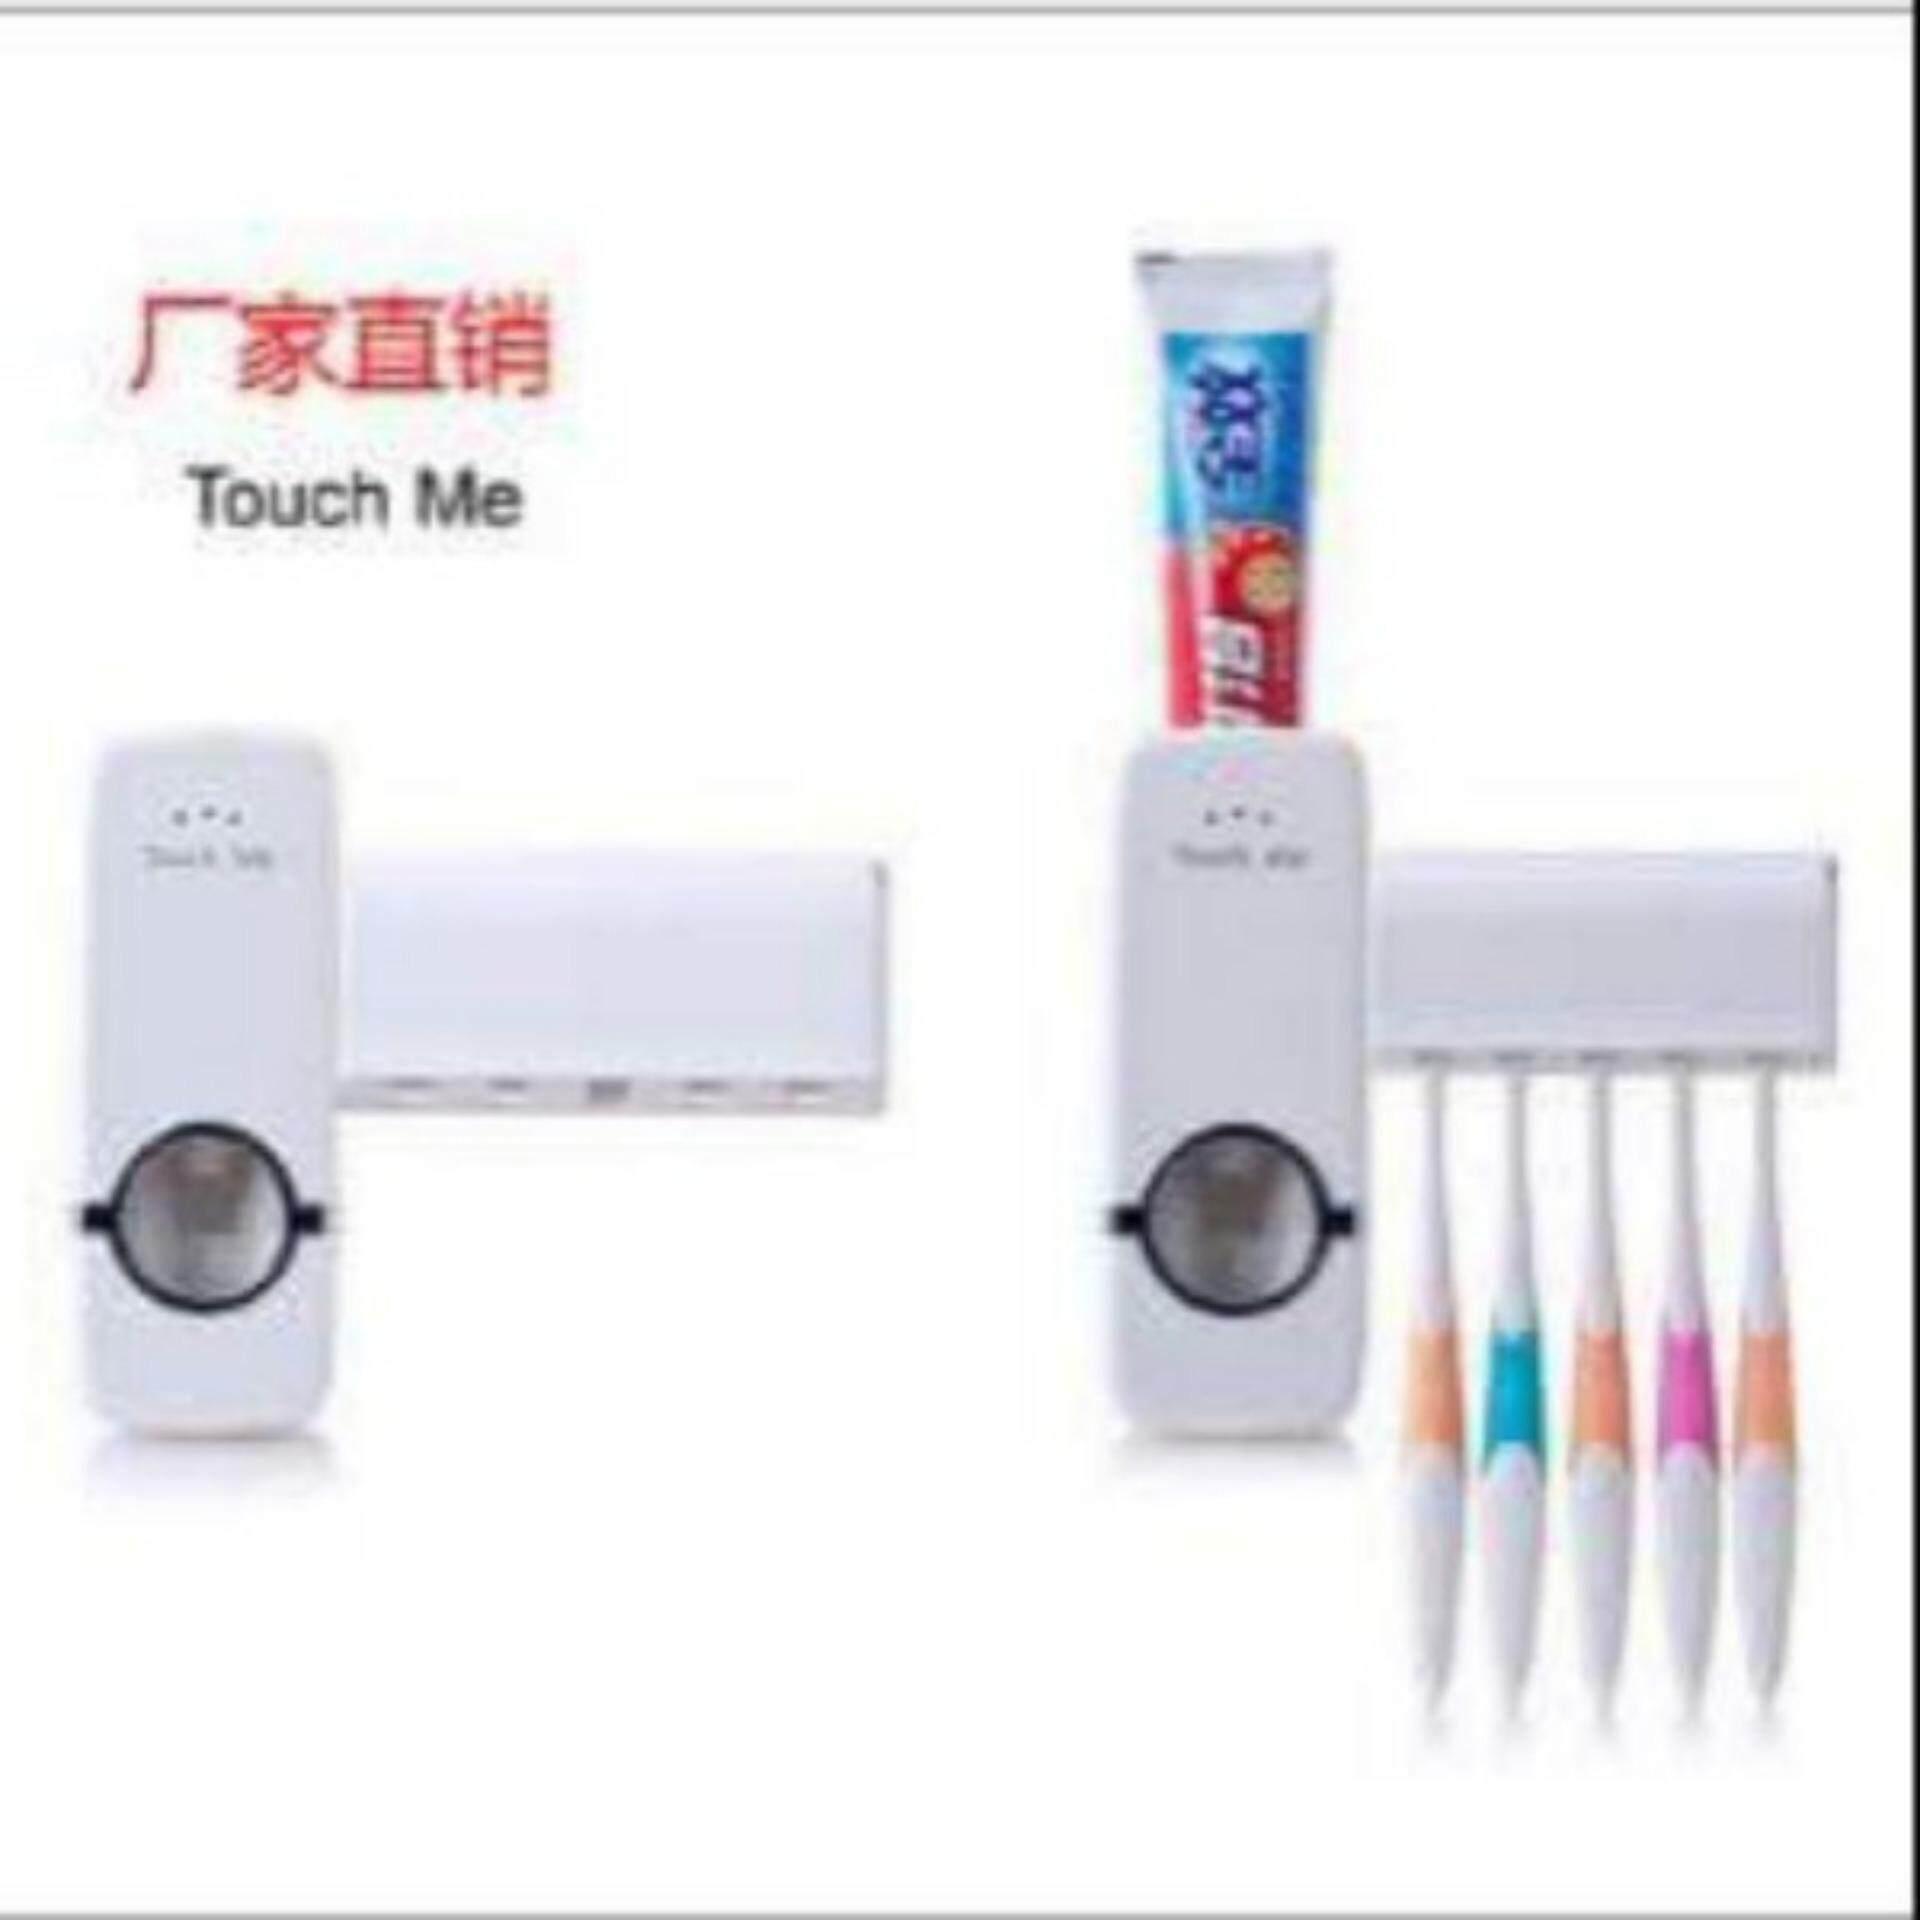 ลดสุดๆ ที่บีบยาสีฟันอัตโนมัติ ส่งฟรี Kerry ที่แขวนยาสีฟัน Toothpaste Dispenser